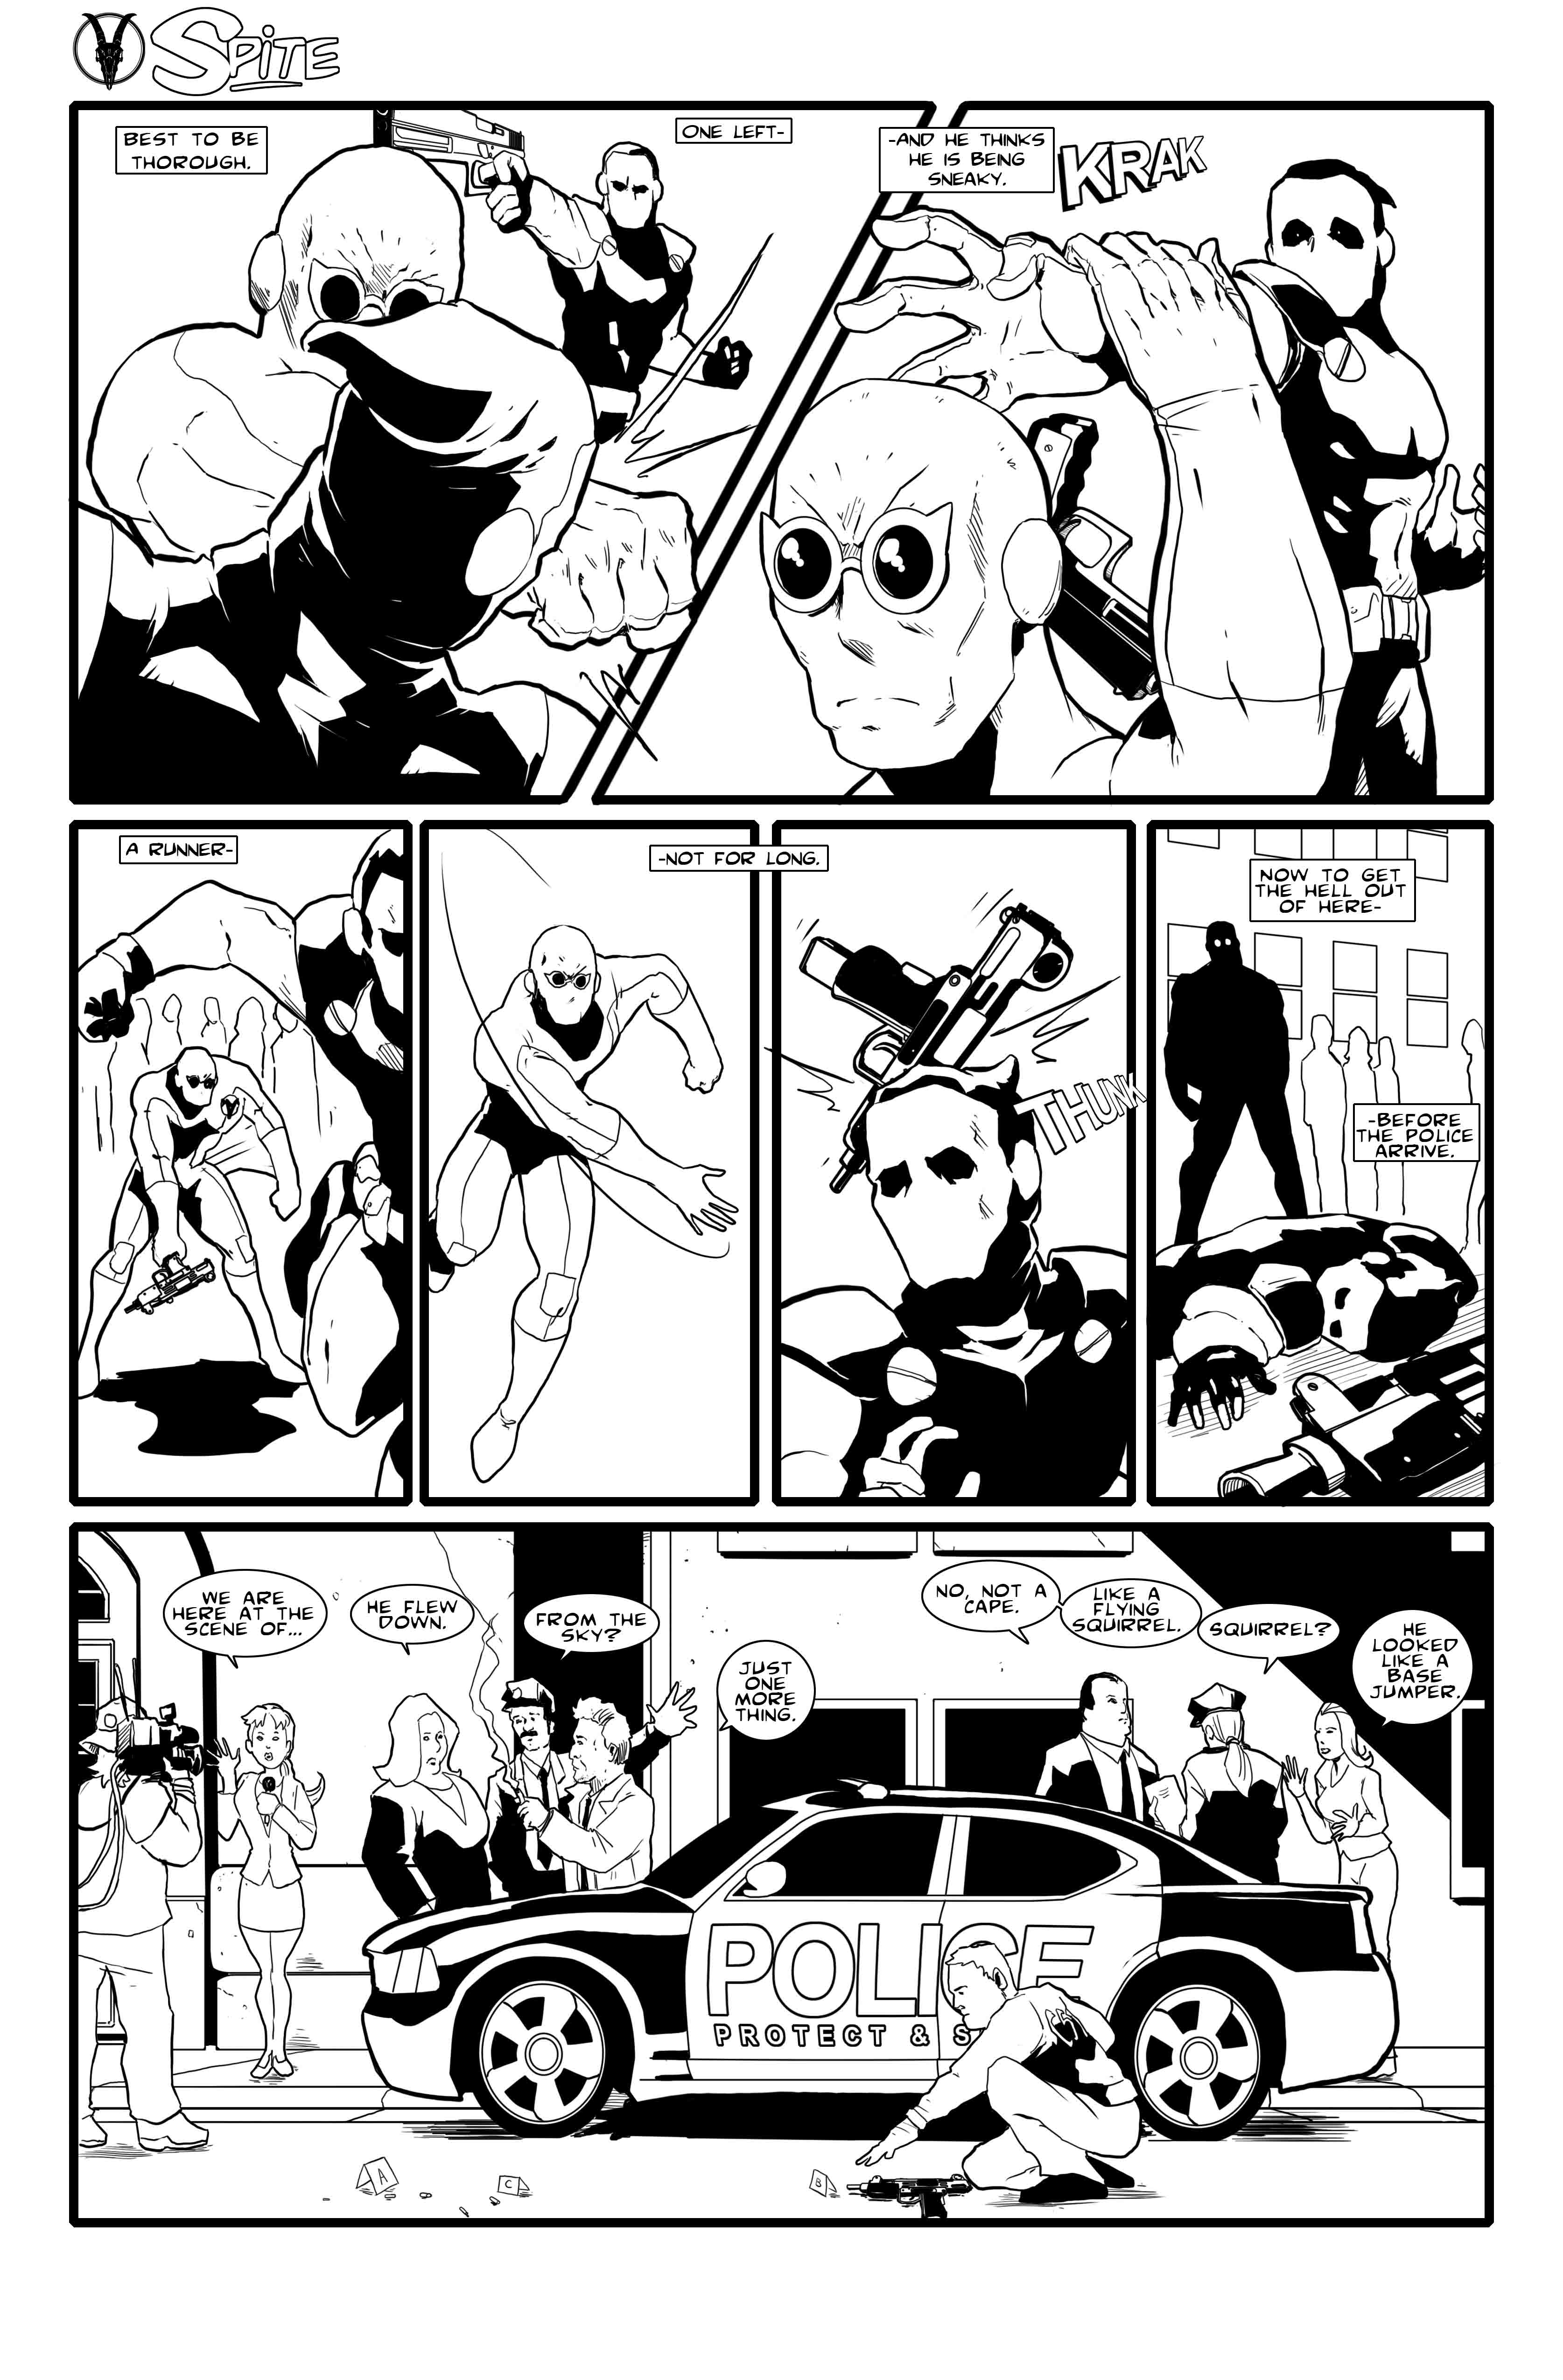 Spite (issue 1, page 2)